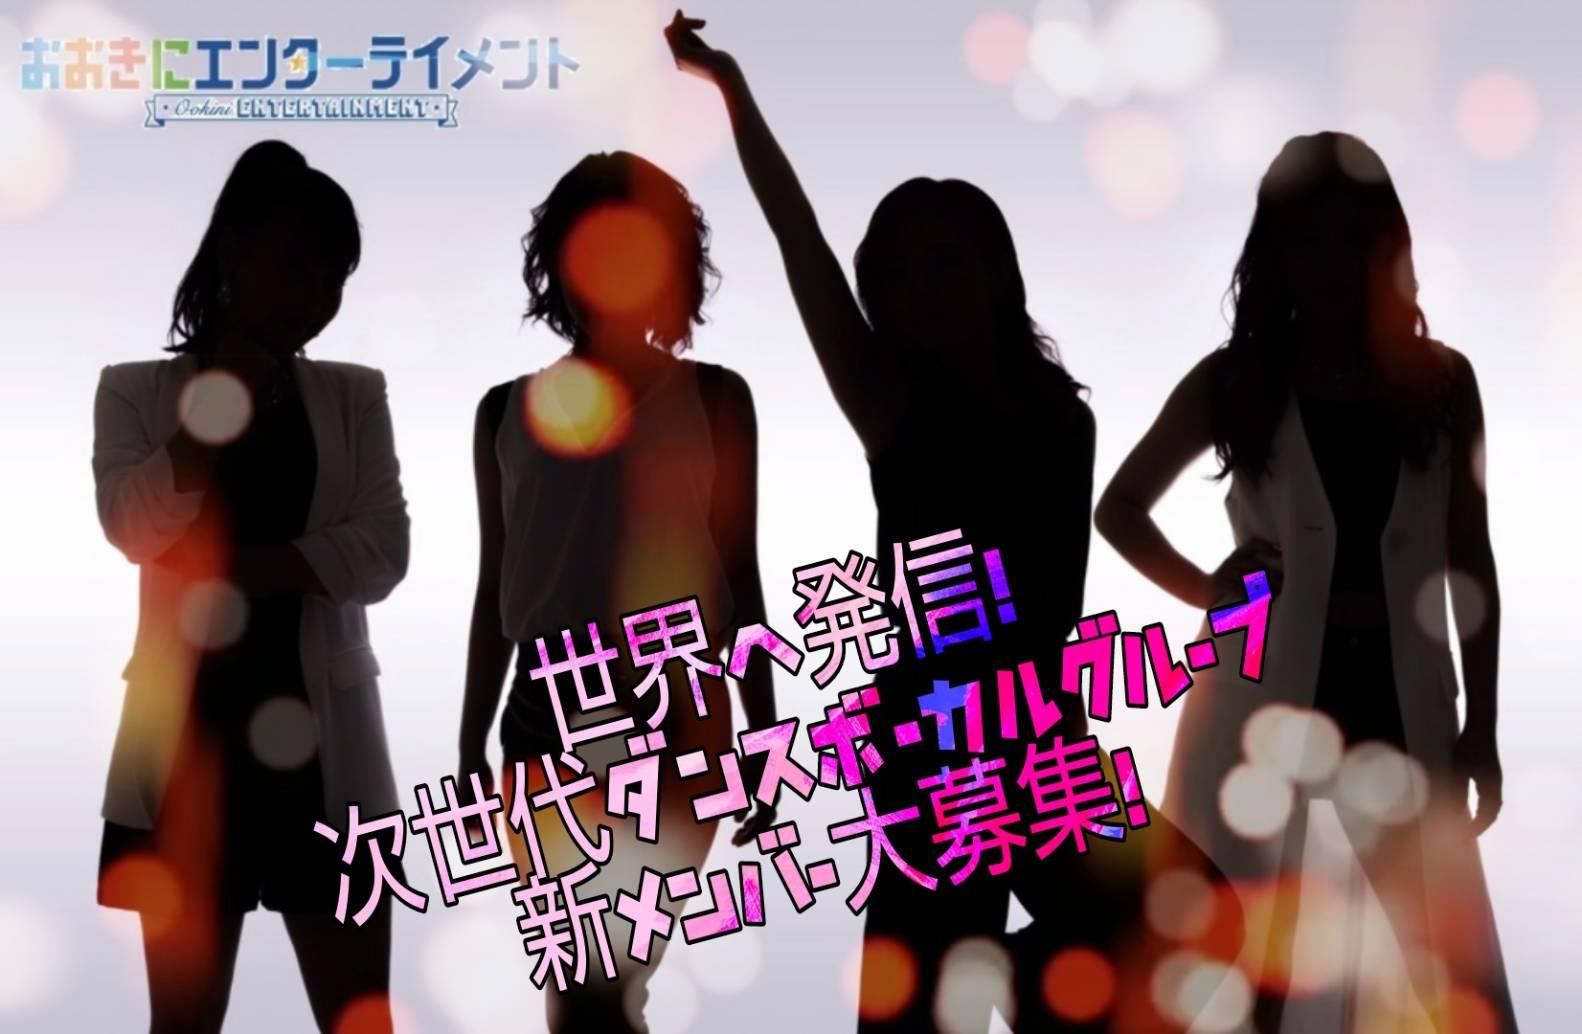 オーディション 次世代ダンスボーカルガールズグループ新メンバー募集 関西から世界で活躍するアーティストに! アナタの夢叶えてみませんか? 主催:(株)おおきにエンターテインメント、カテゴリ:アイドル(東京以外)